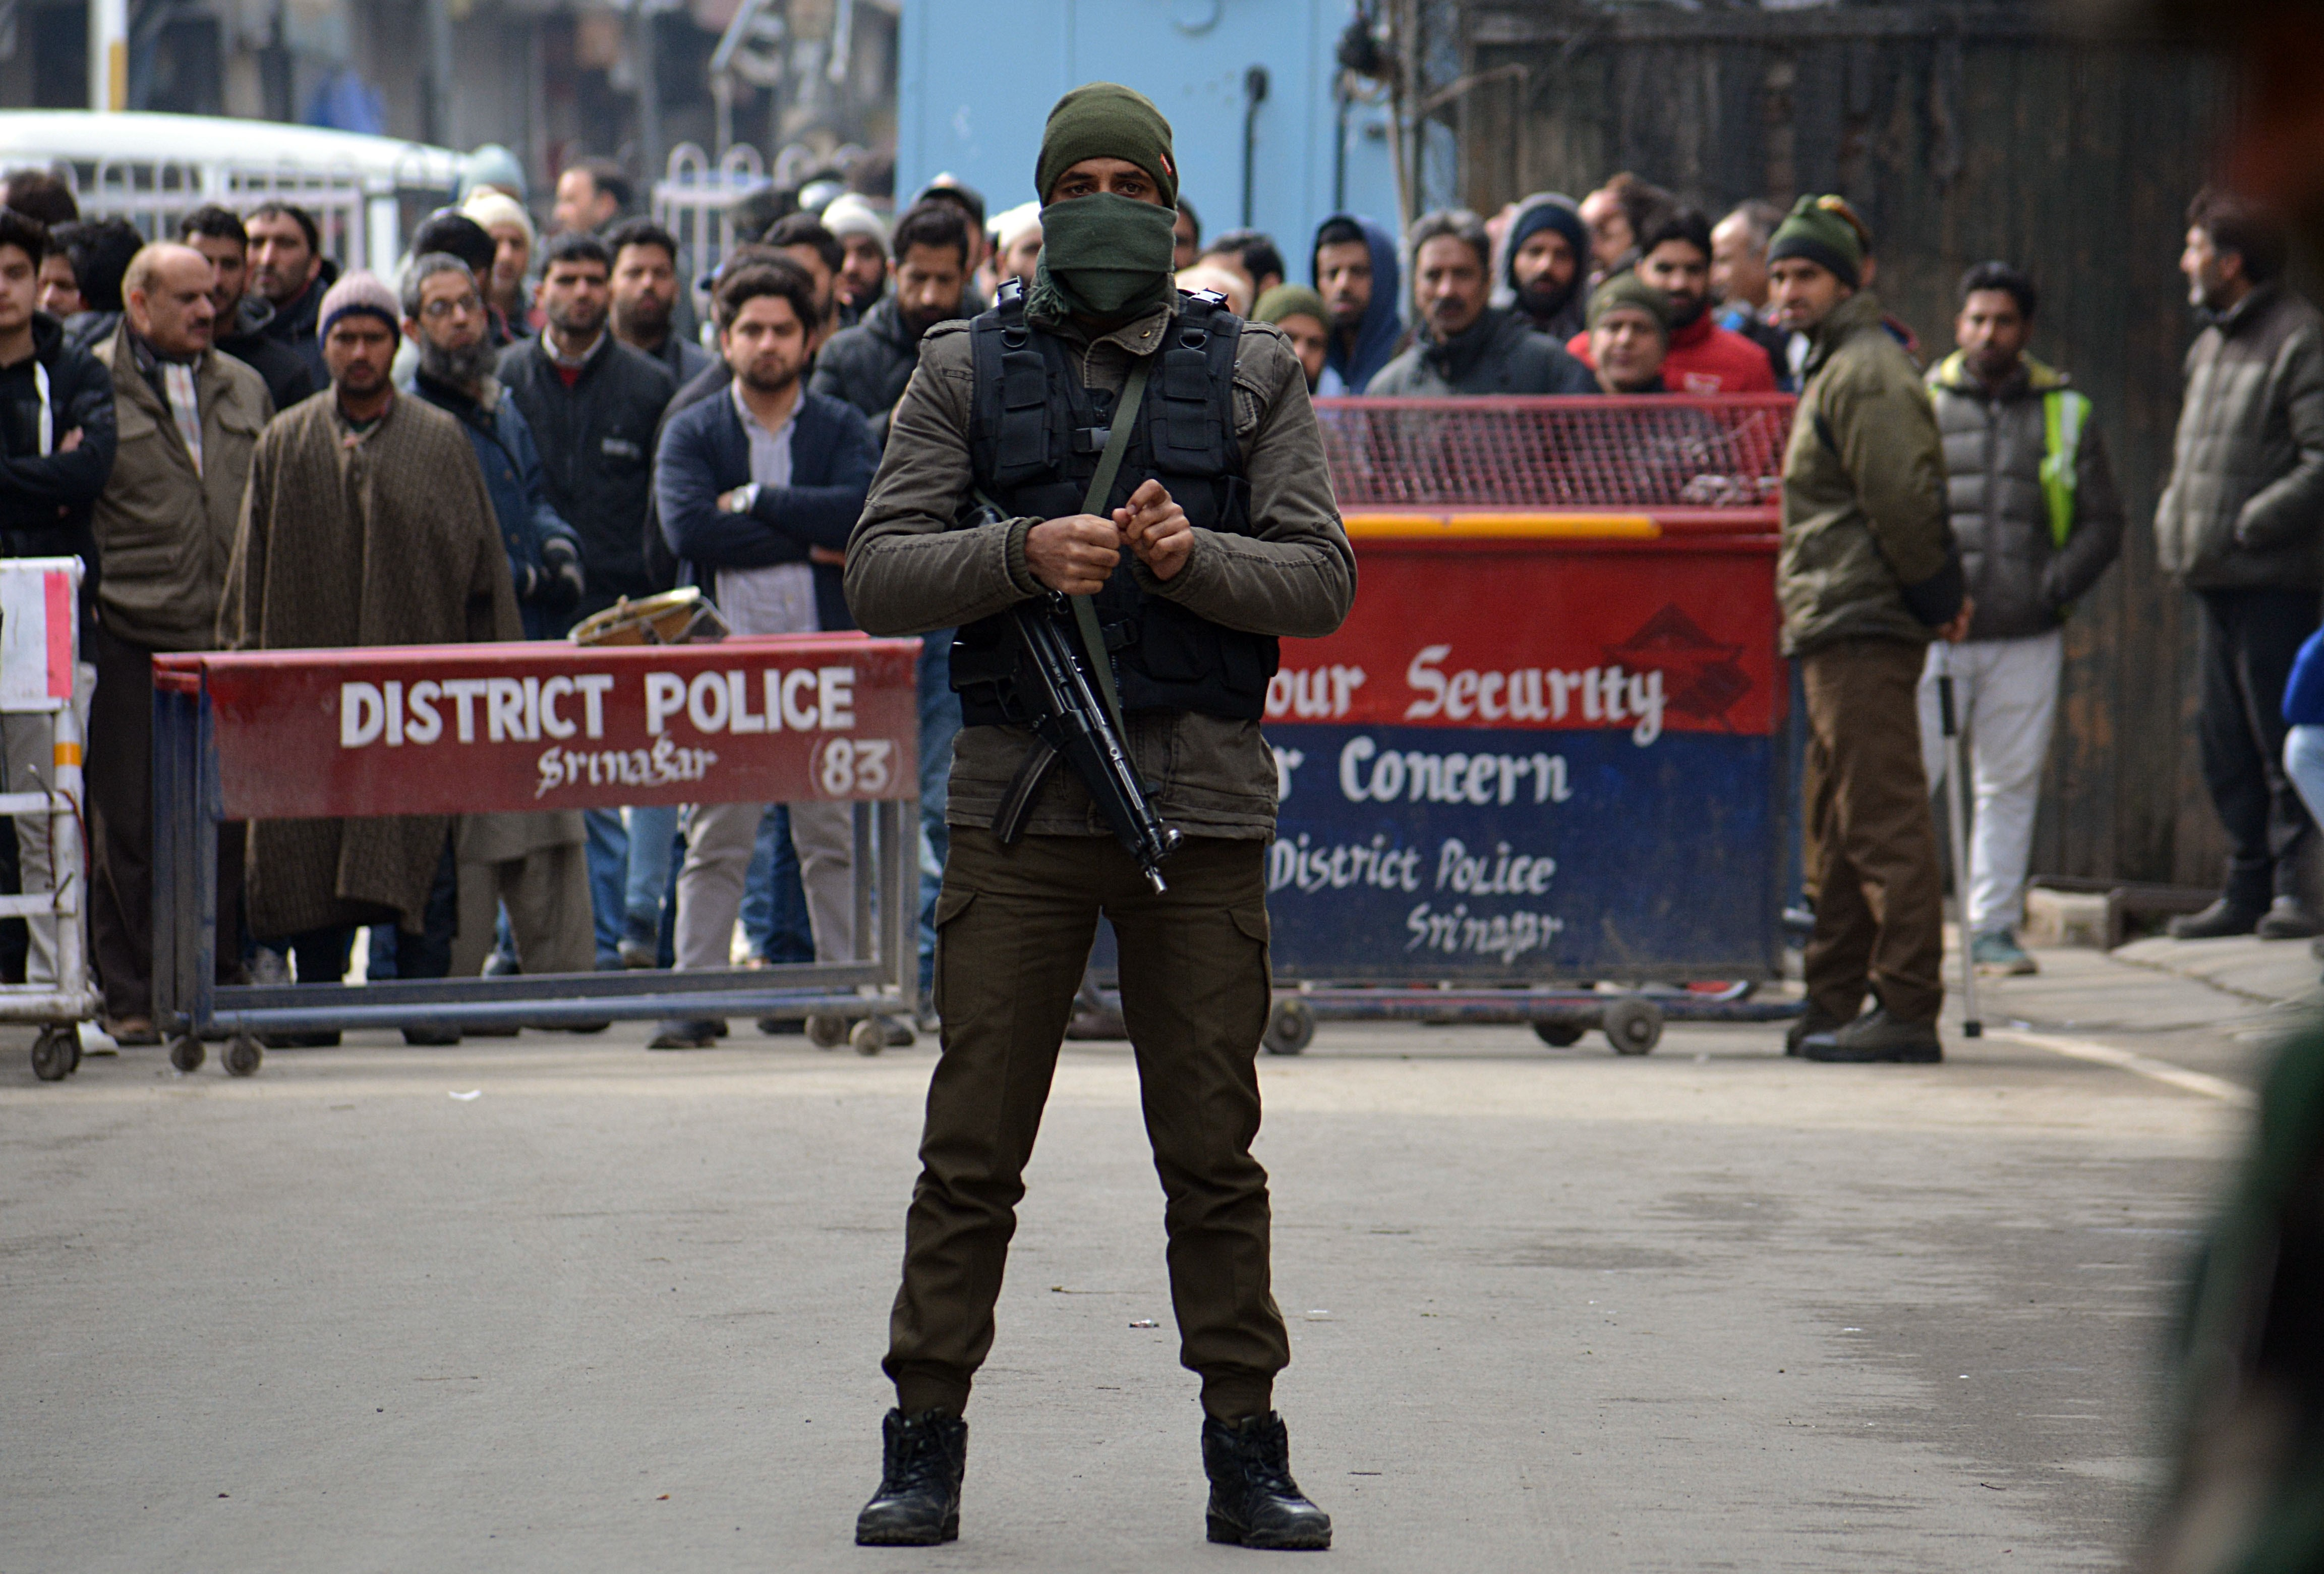 Az indiai parlament jóváhagyta a muszlim többségű Kasmír különleges státuszának visszavonását